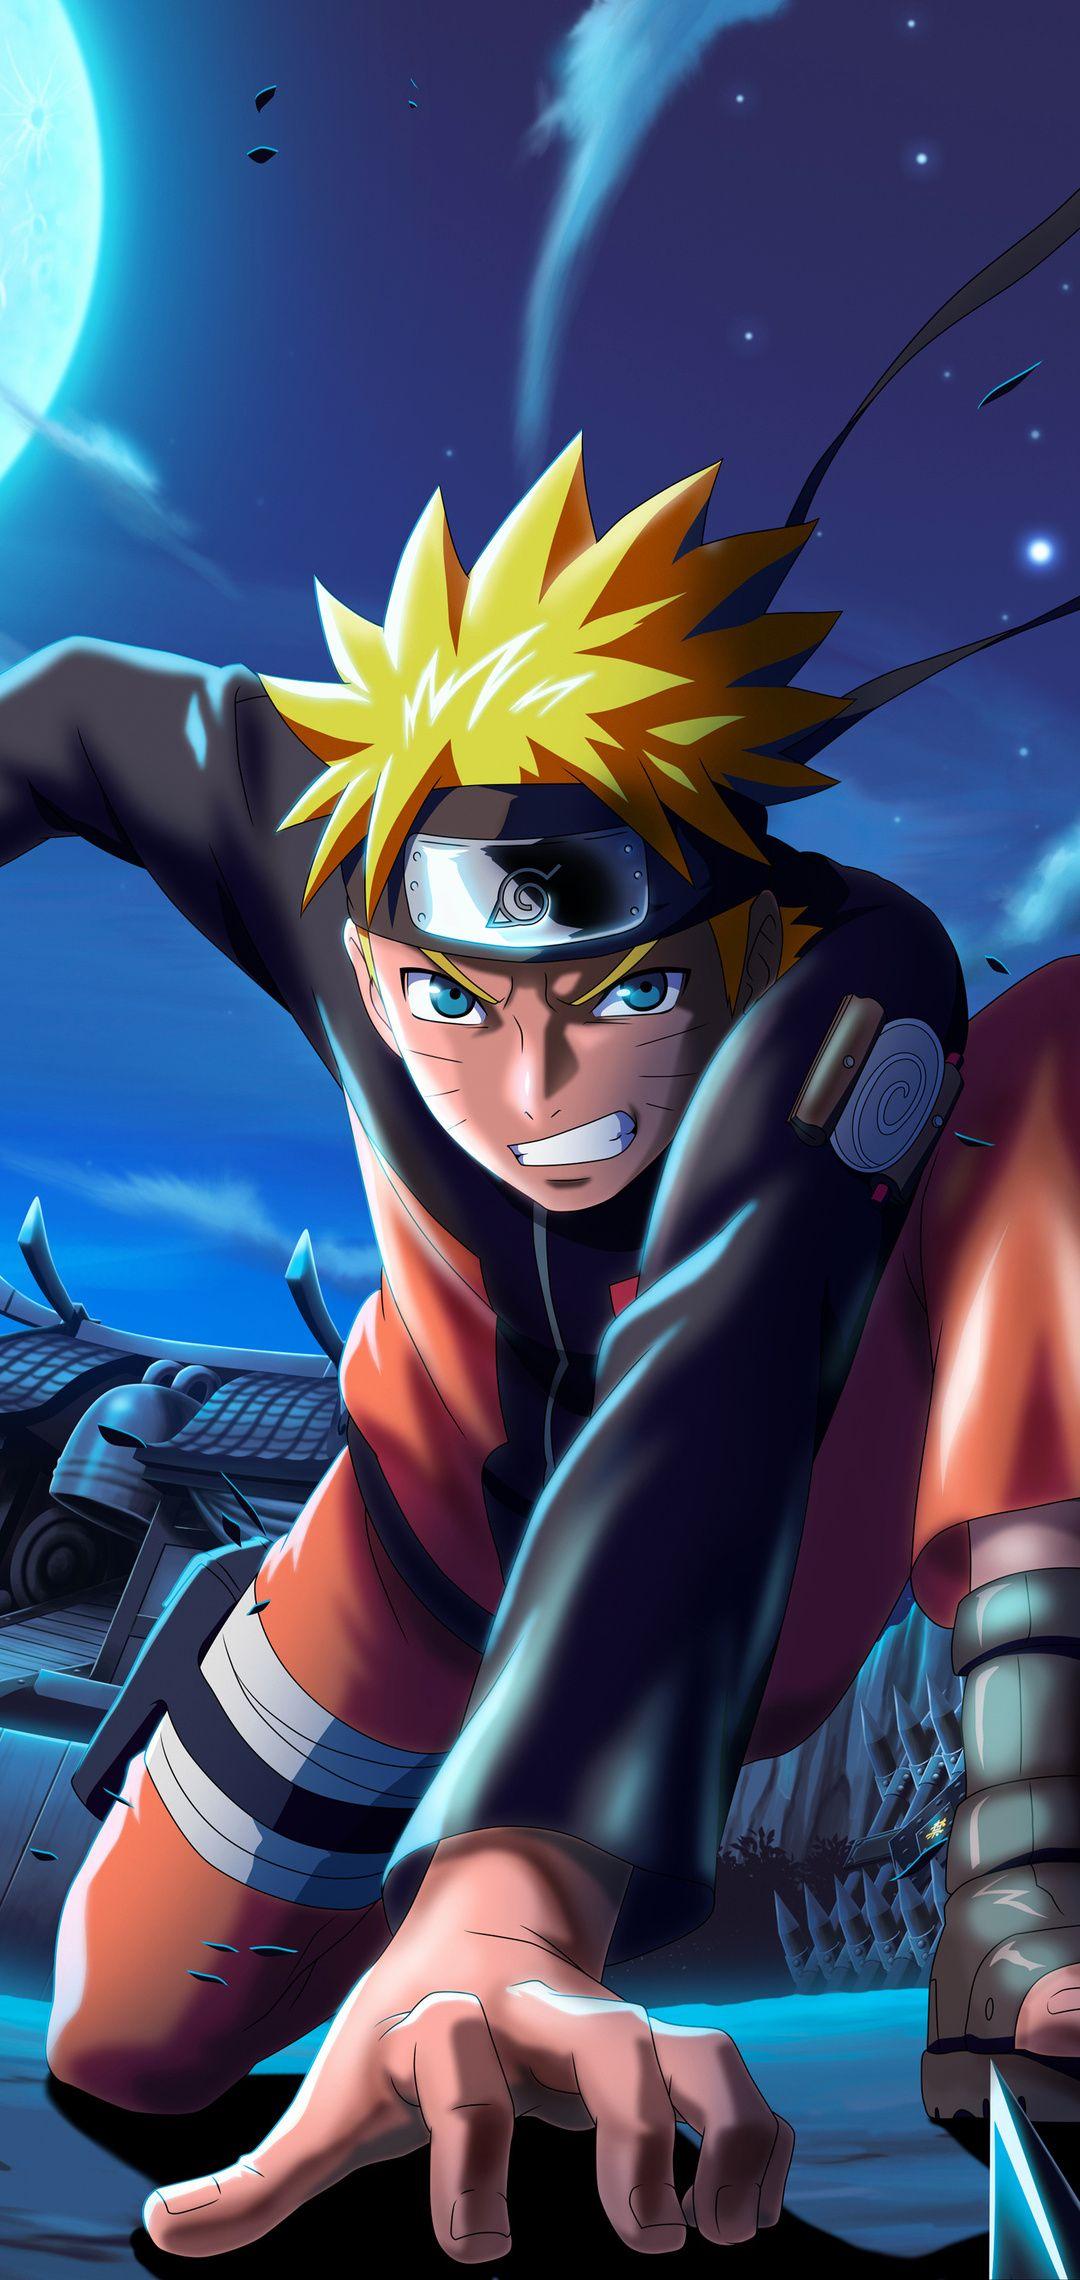 Gambar Naruto Paling Keren Di 2020 Naruto Gambar Naruto Uzumaki